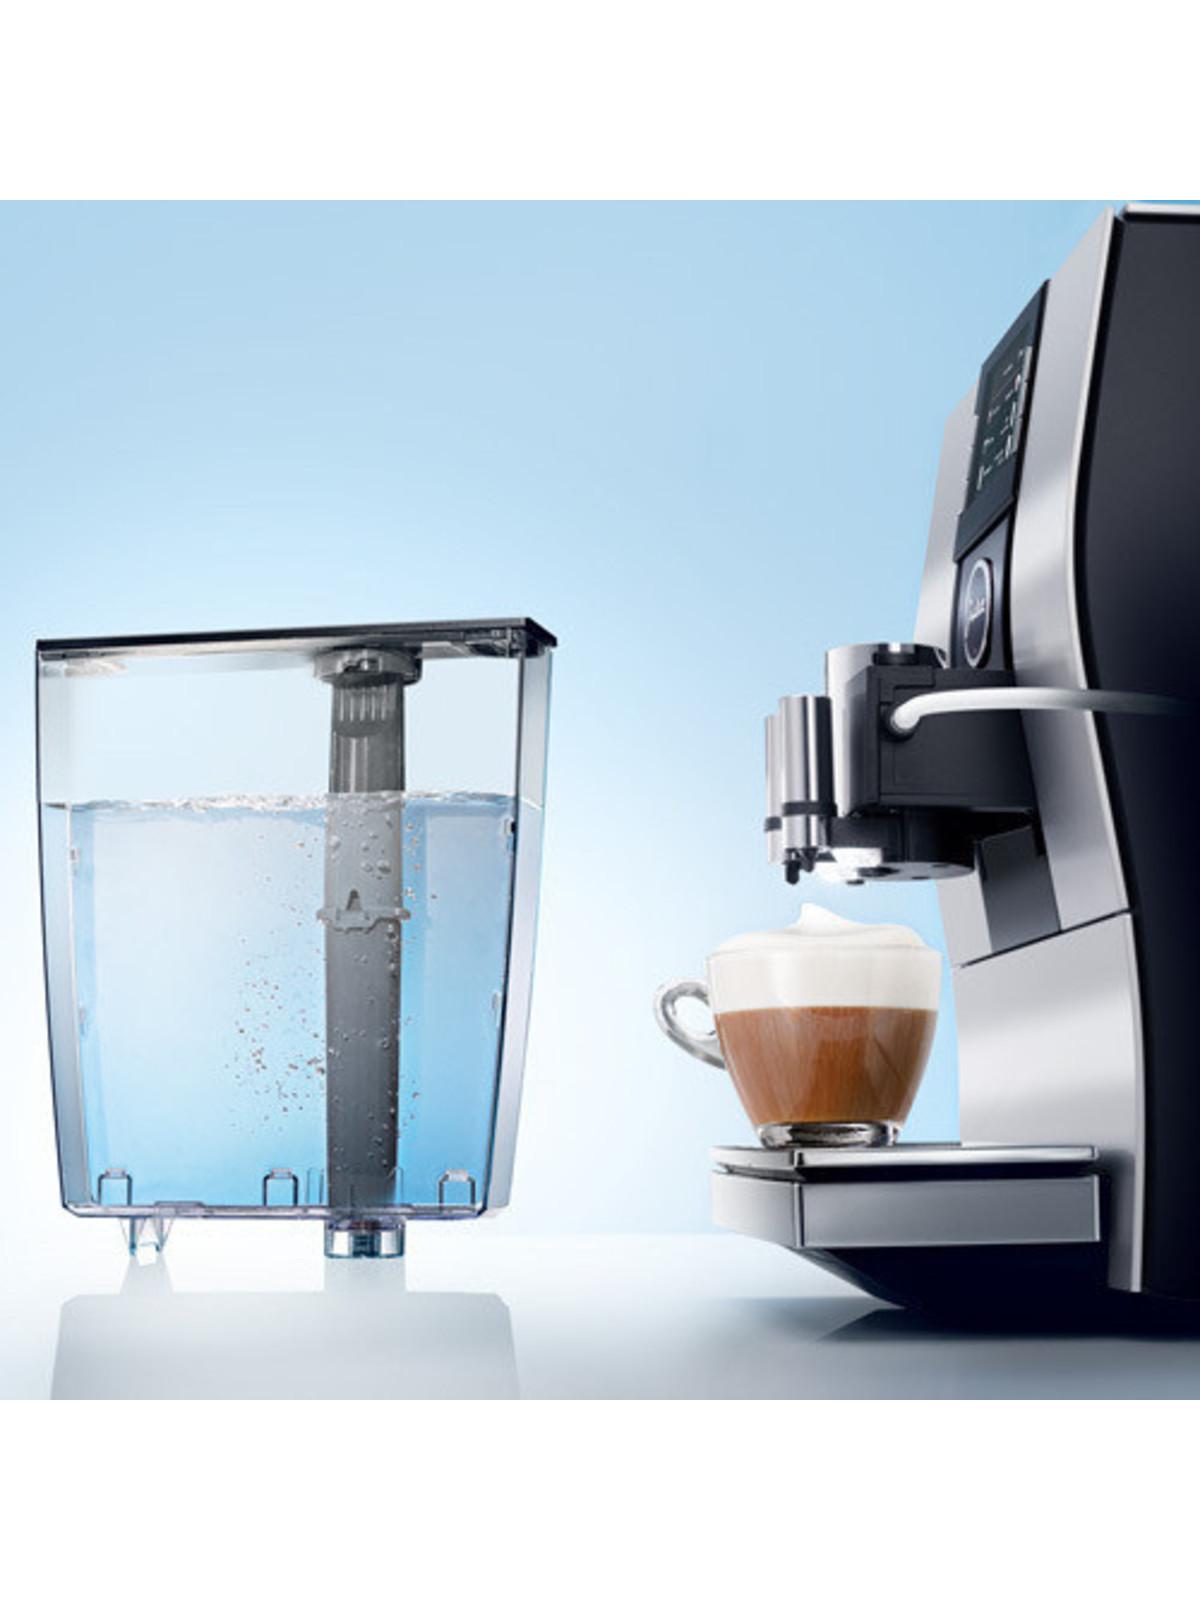 JURA Water Filter Claris Smart - Value Pack